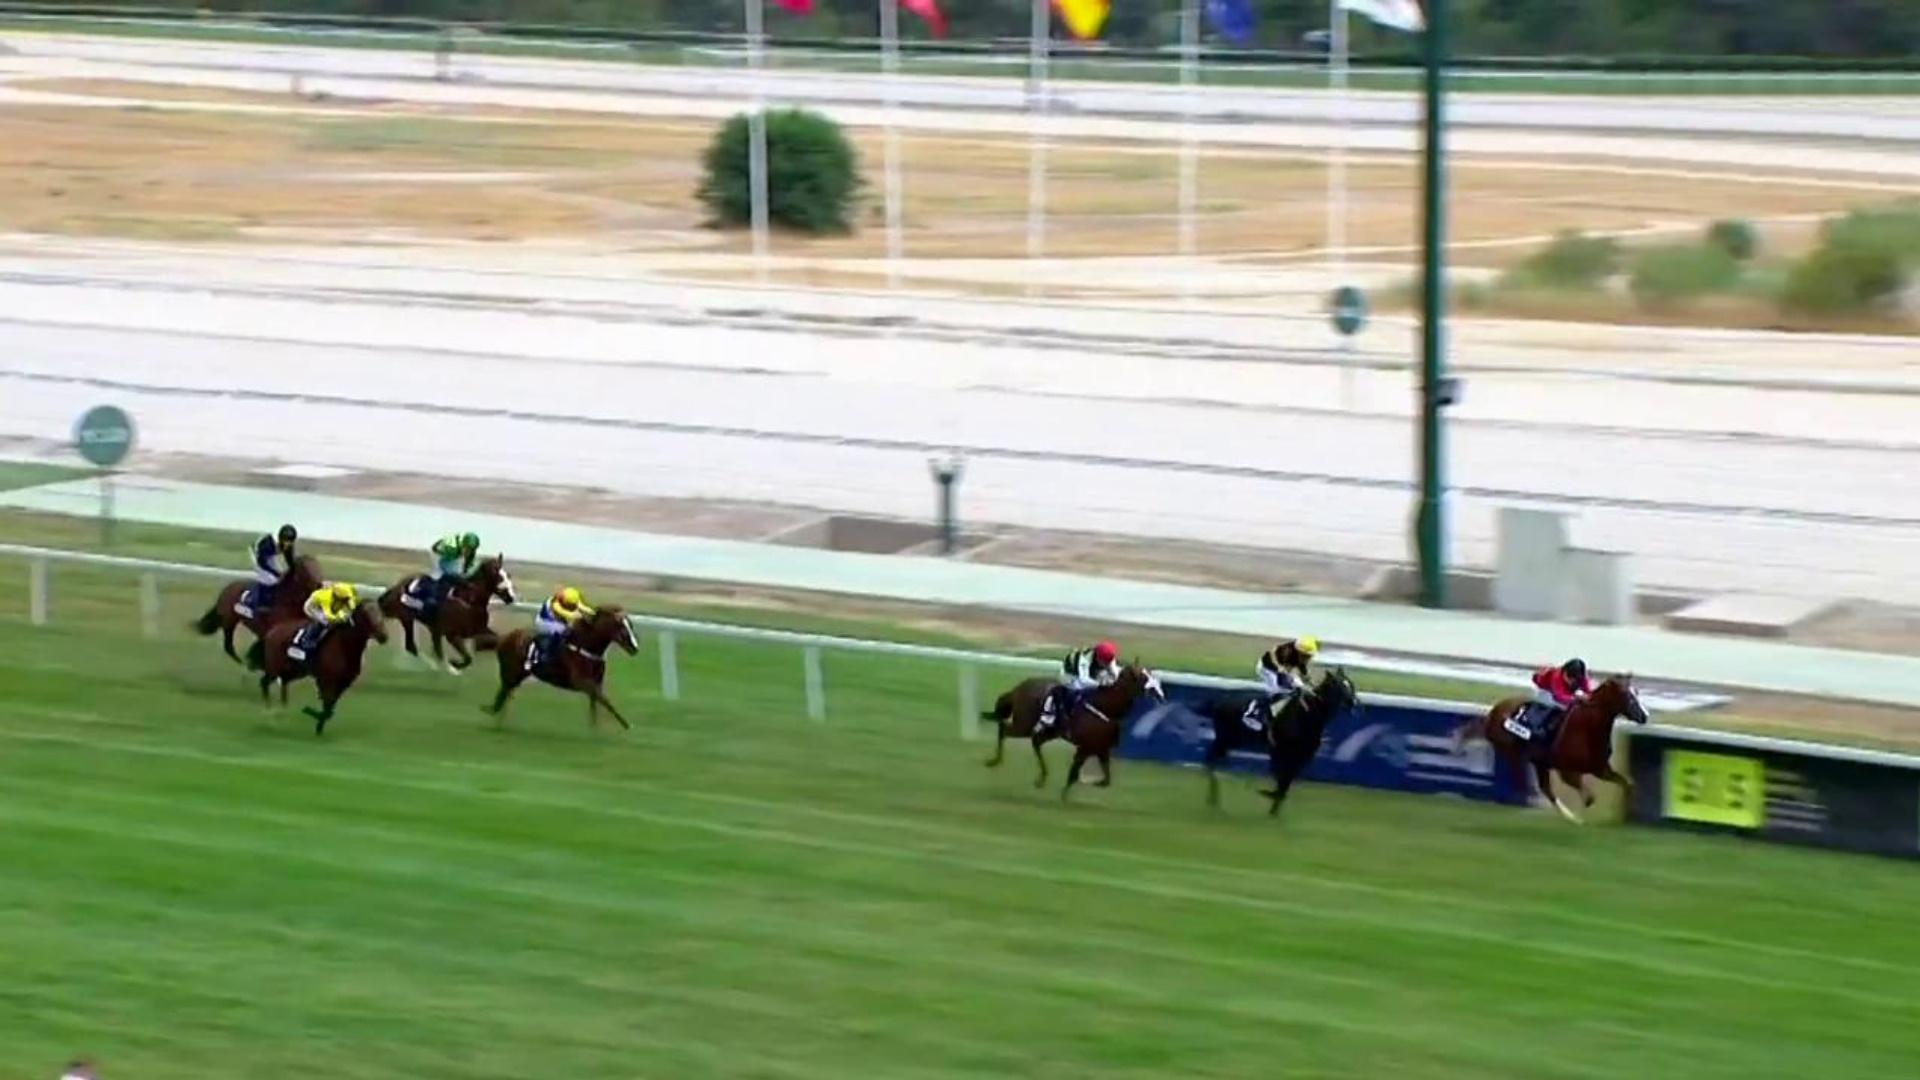 Carreras de caballos desde el Hipódromo de La Zarzuela